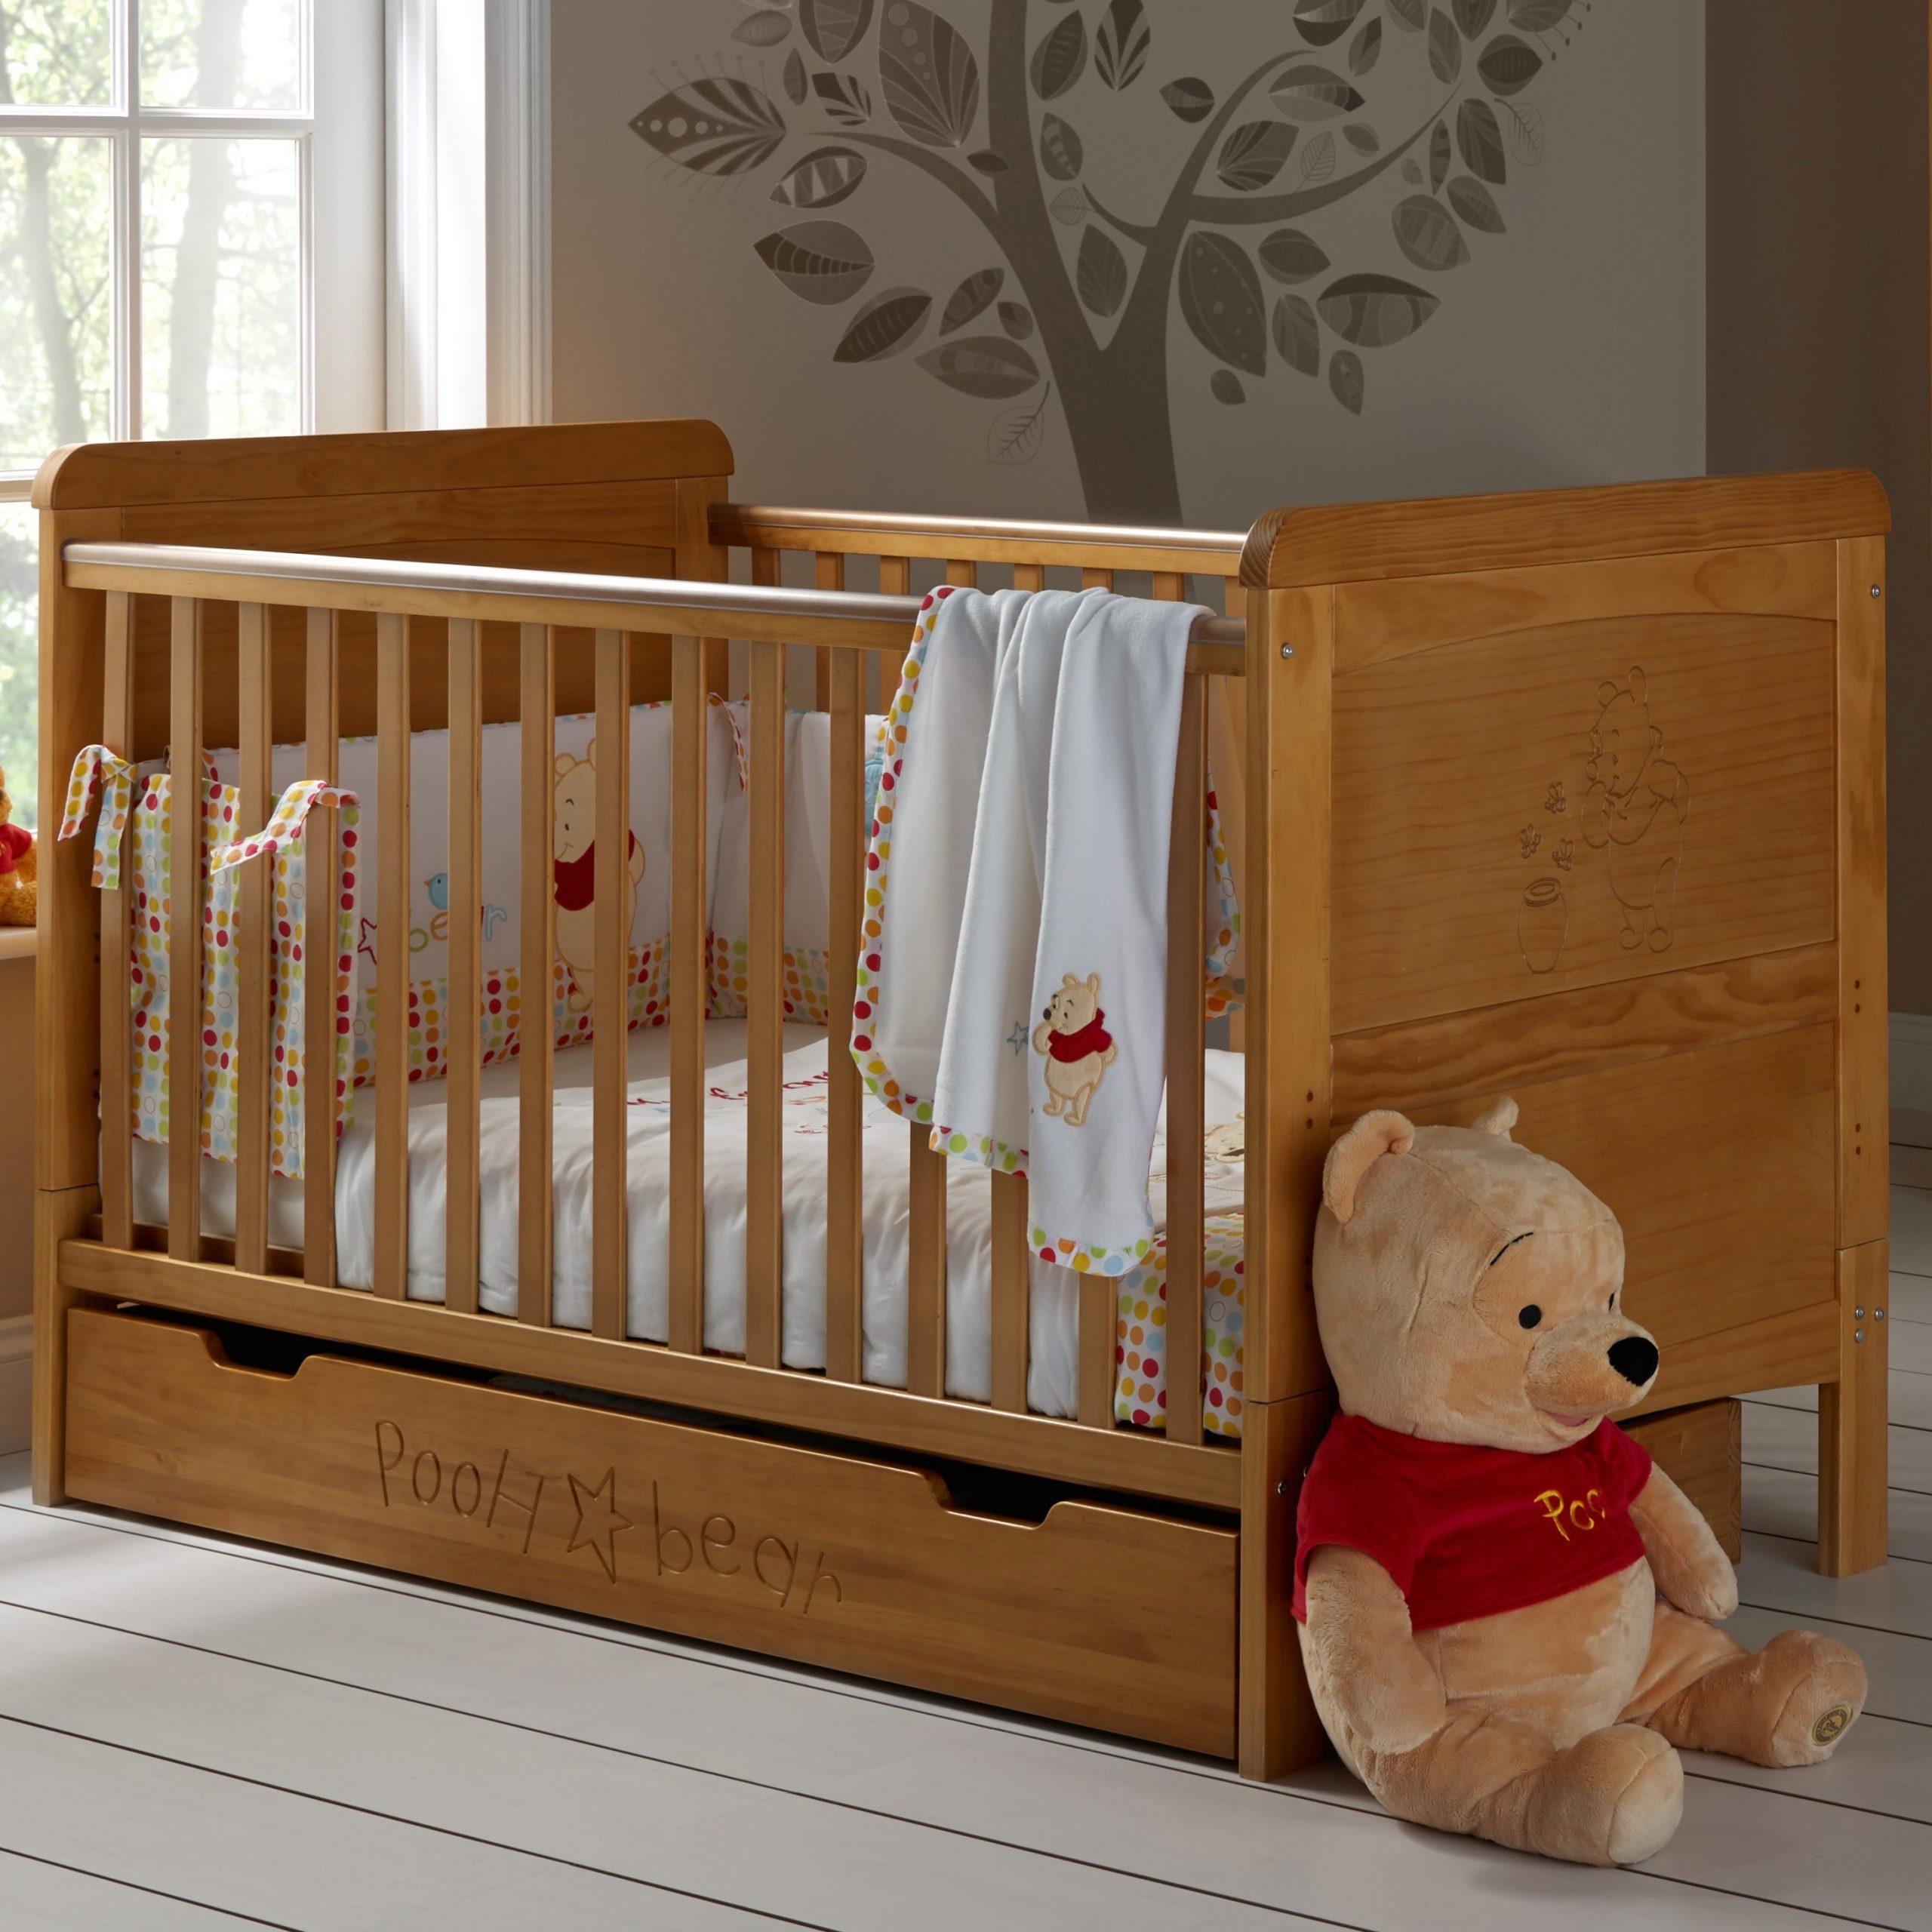 Cot / Cot Beds